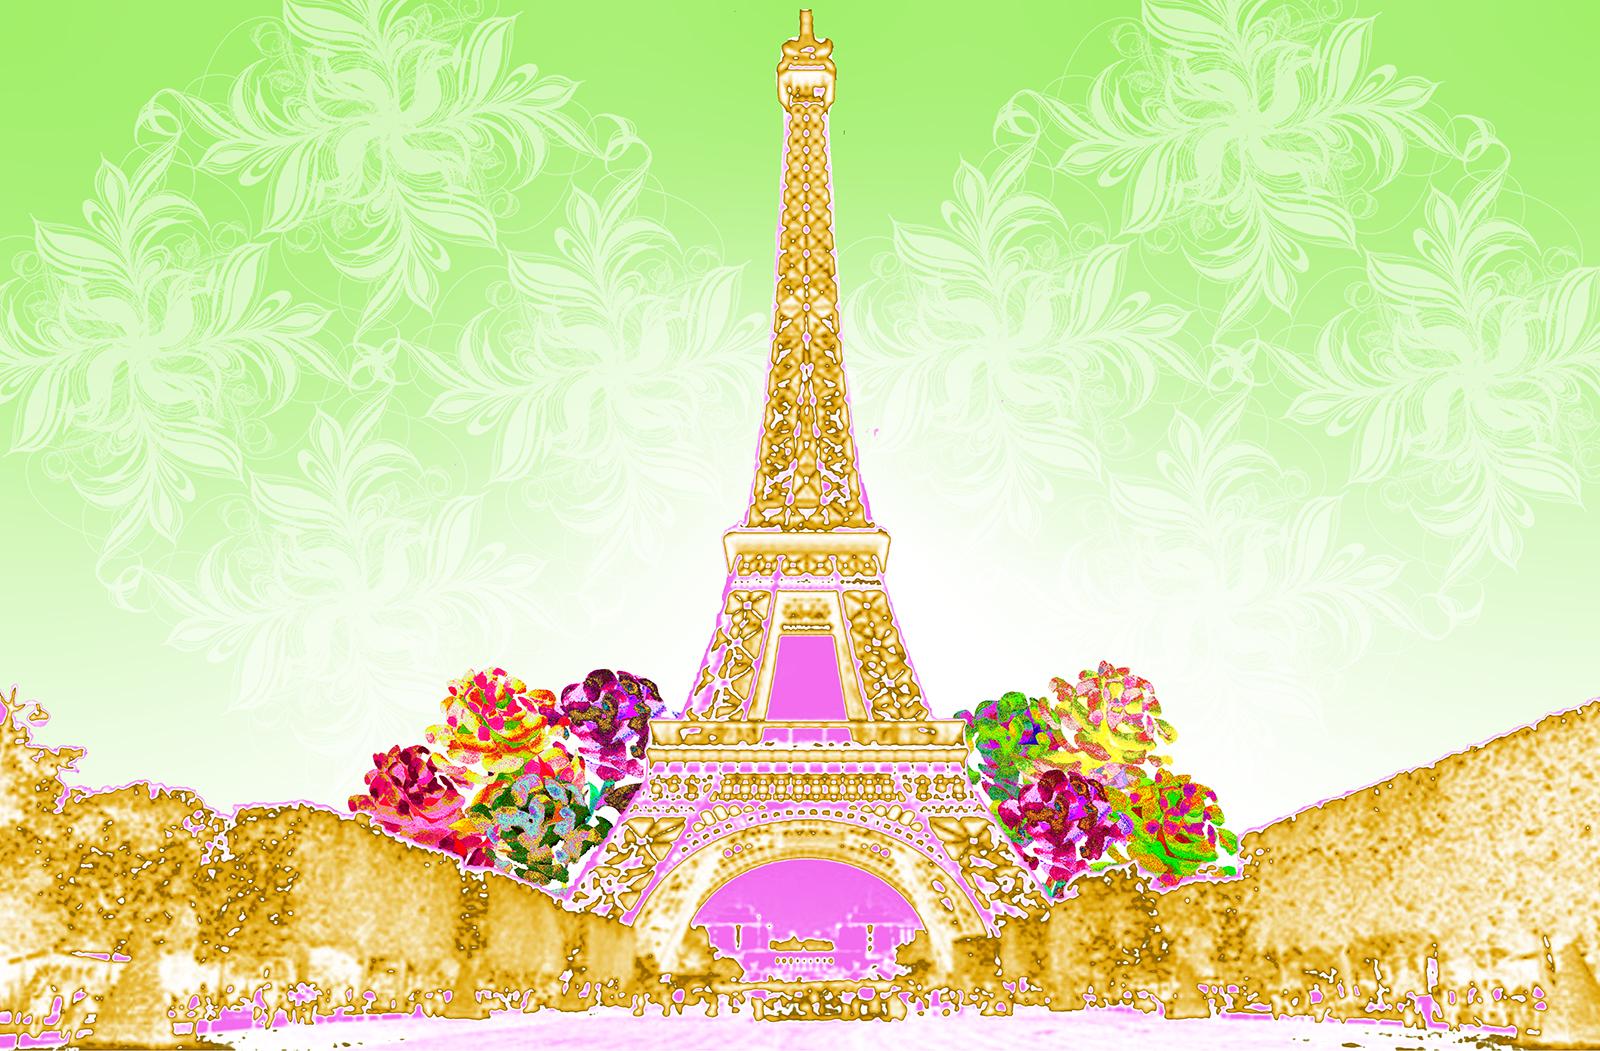 PARI1.jpg